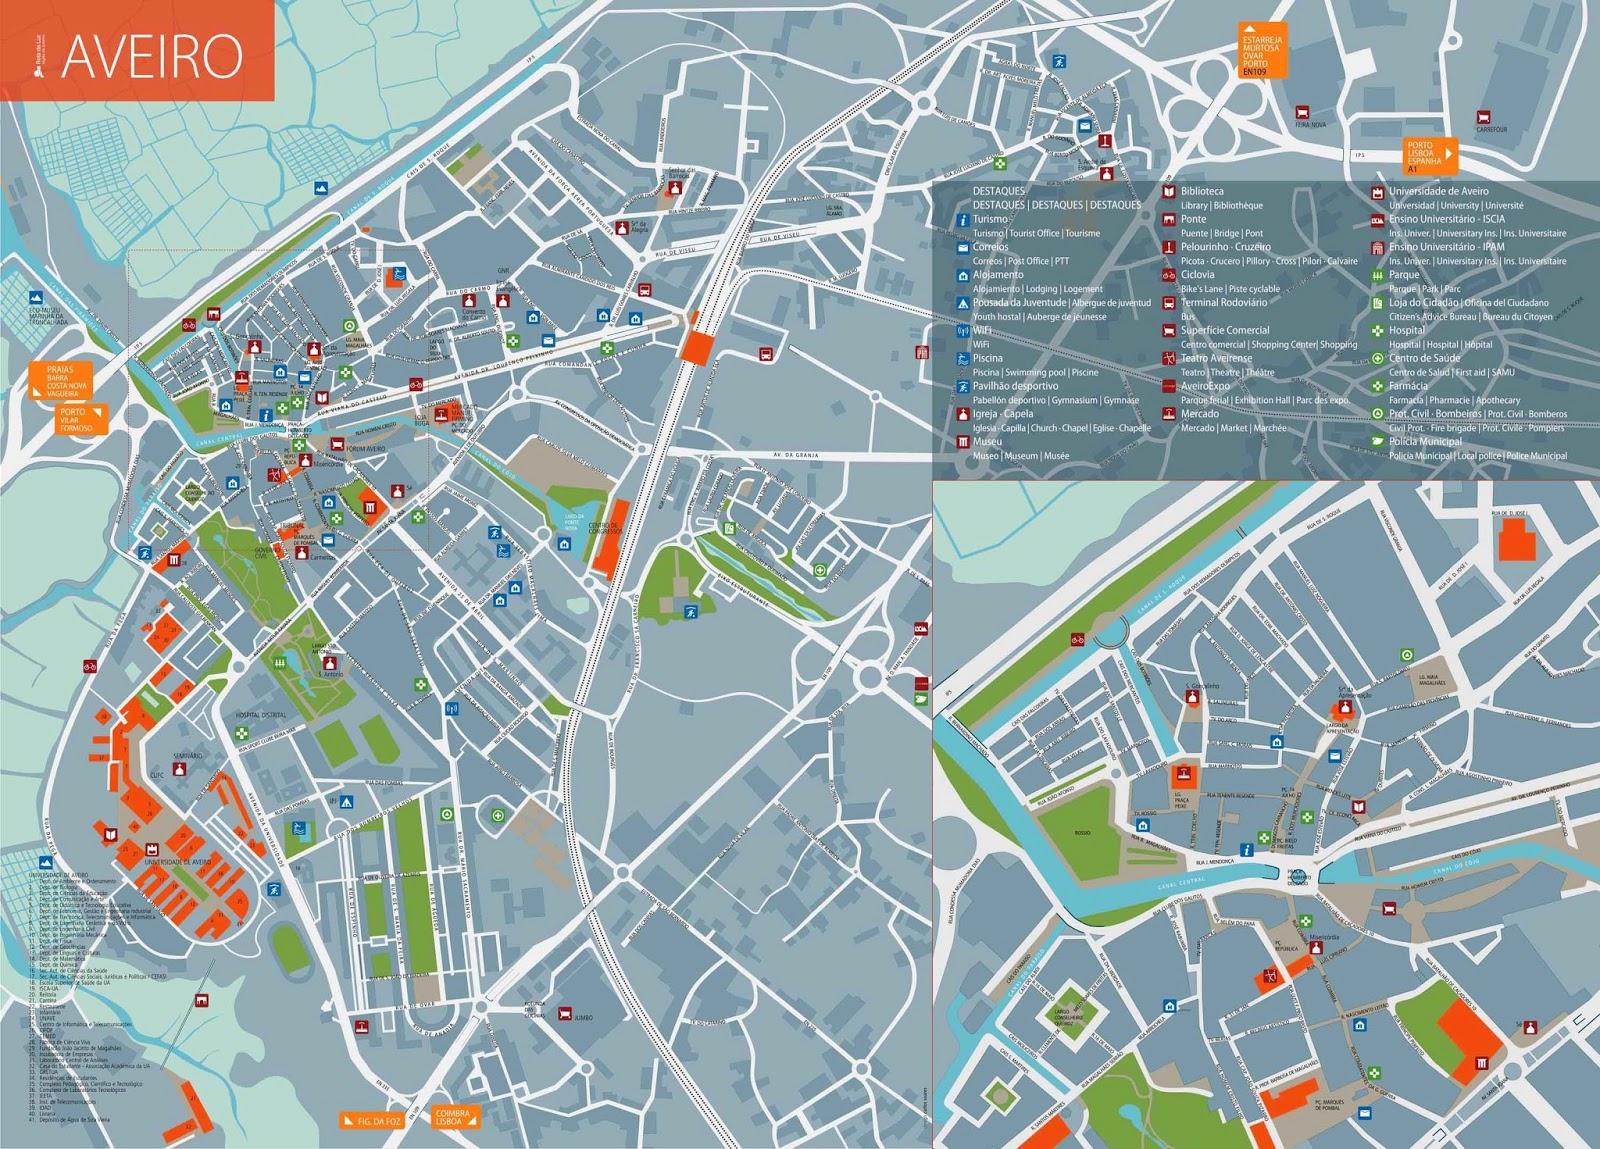 mapa turistico aveiro Mapas de Aveiro   Portugal | MapasBlog mapa turistico aveiro